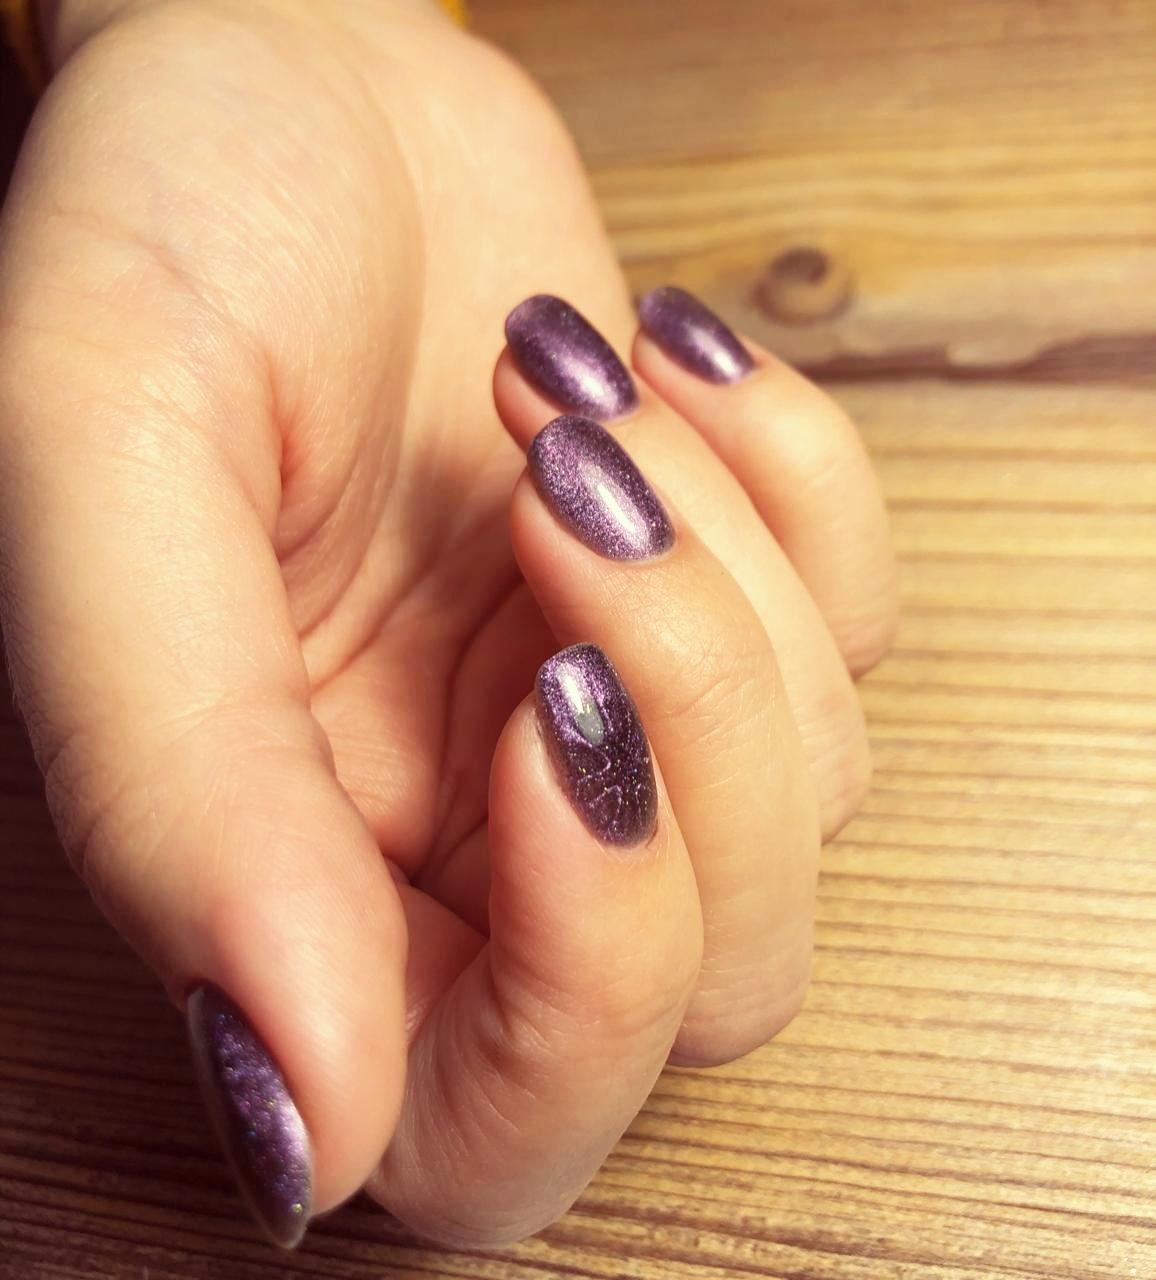 Маникюр с эффектом кошачий глаз в фиолетовом цвете.